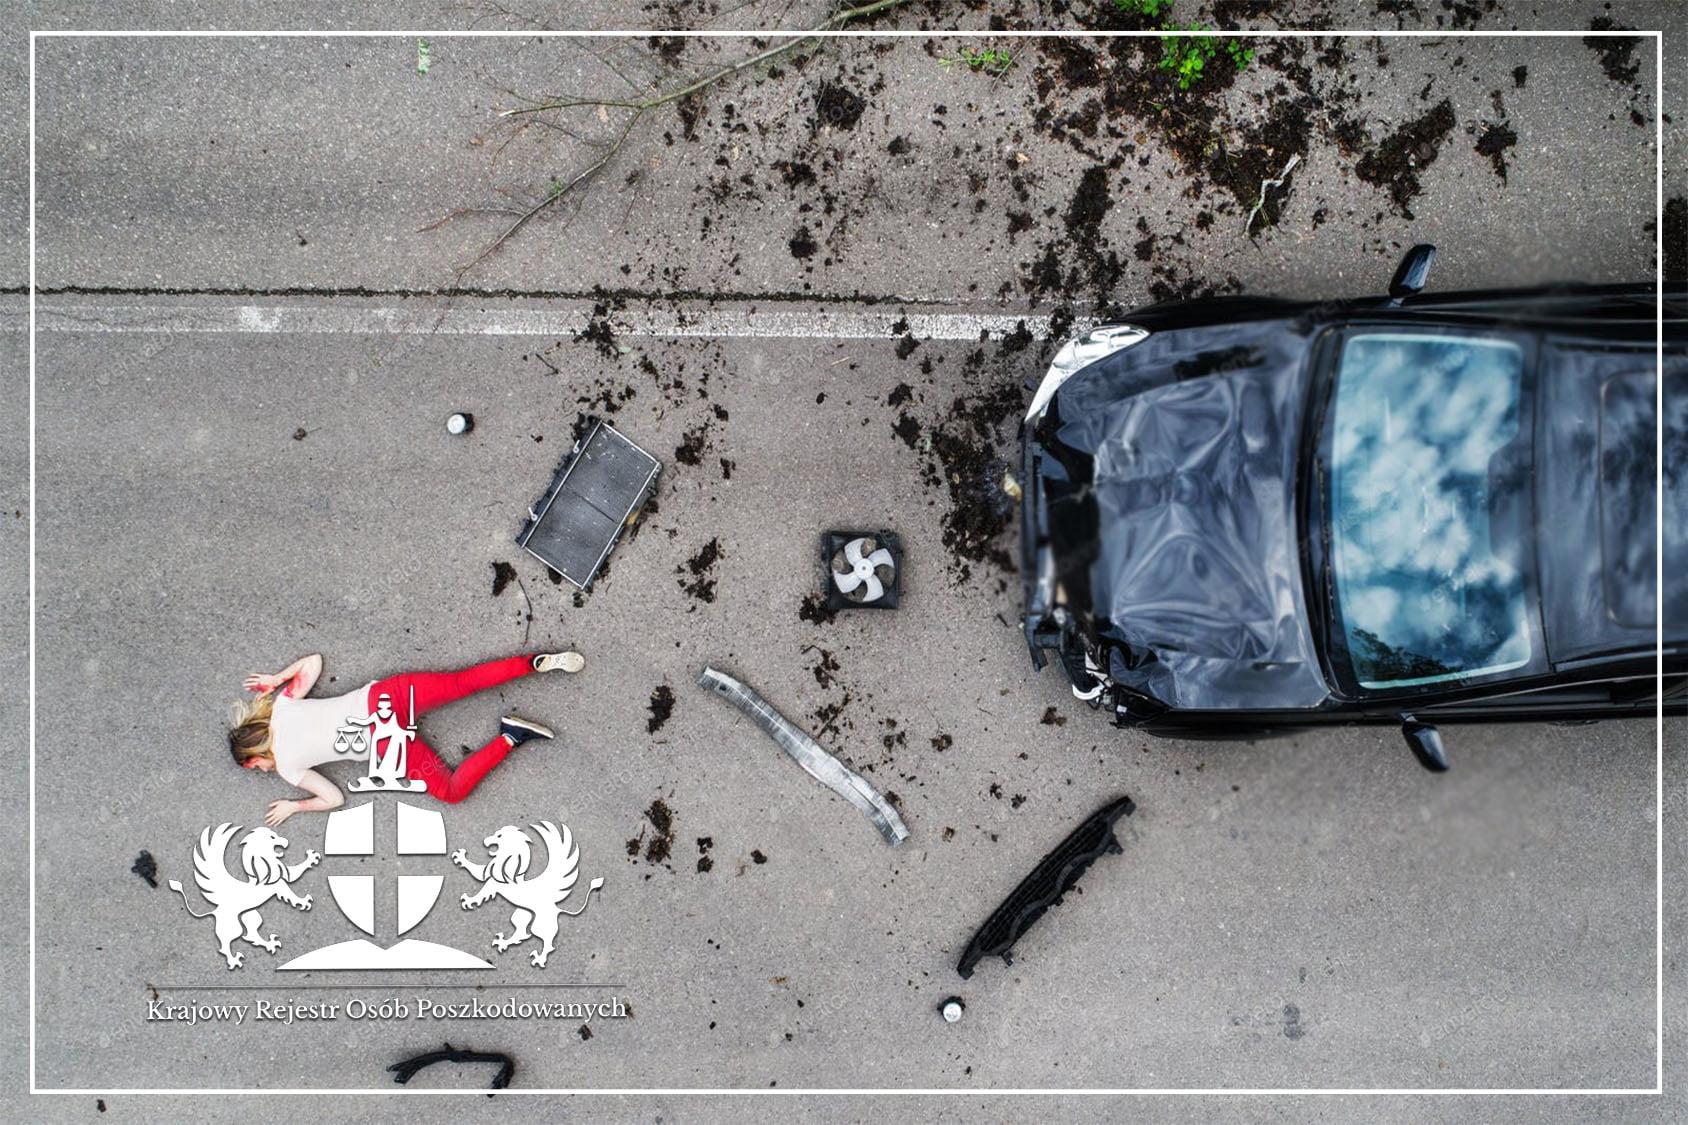 Odszkodowanie z OC sprawcy wypadku śmiertelnego